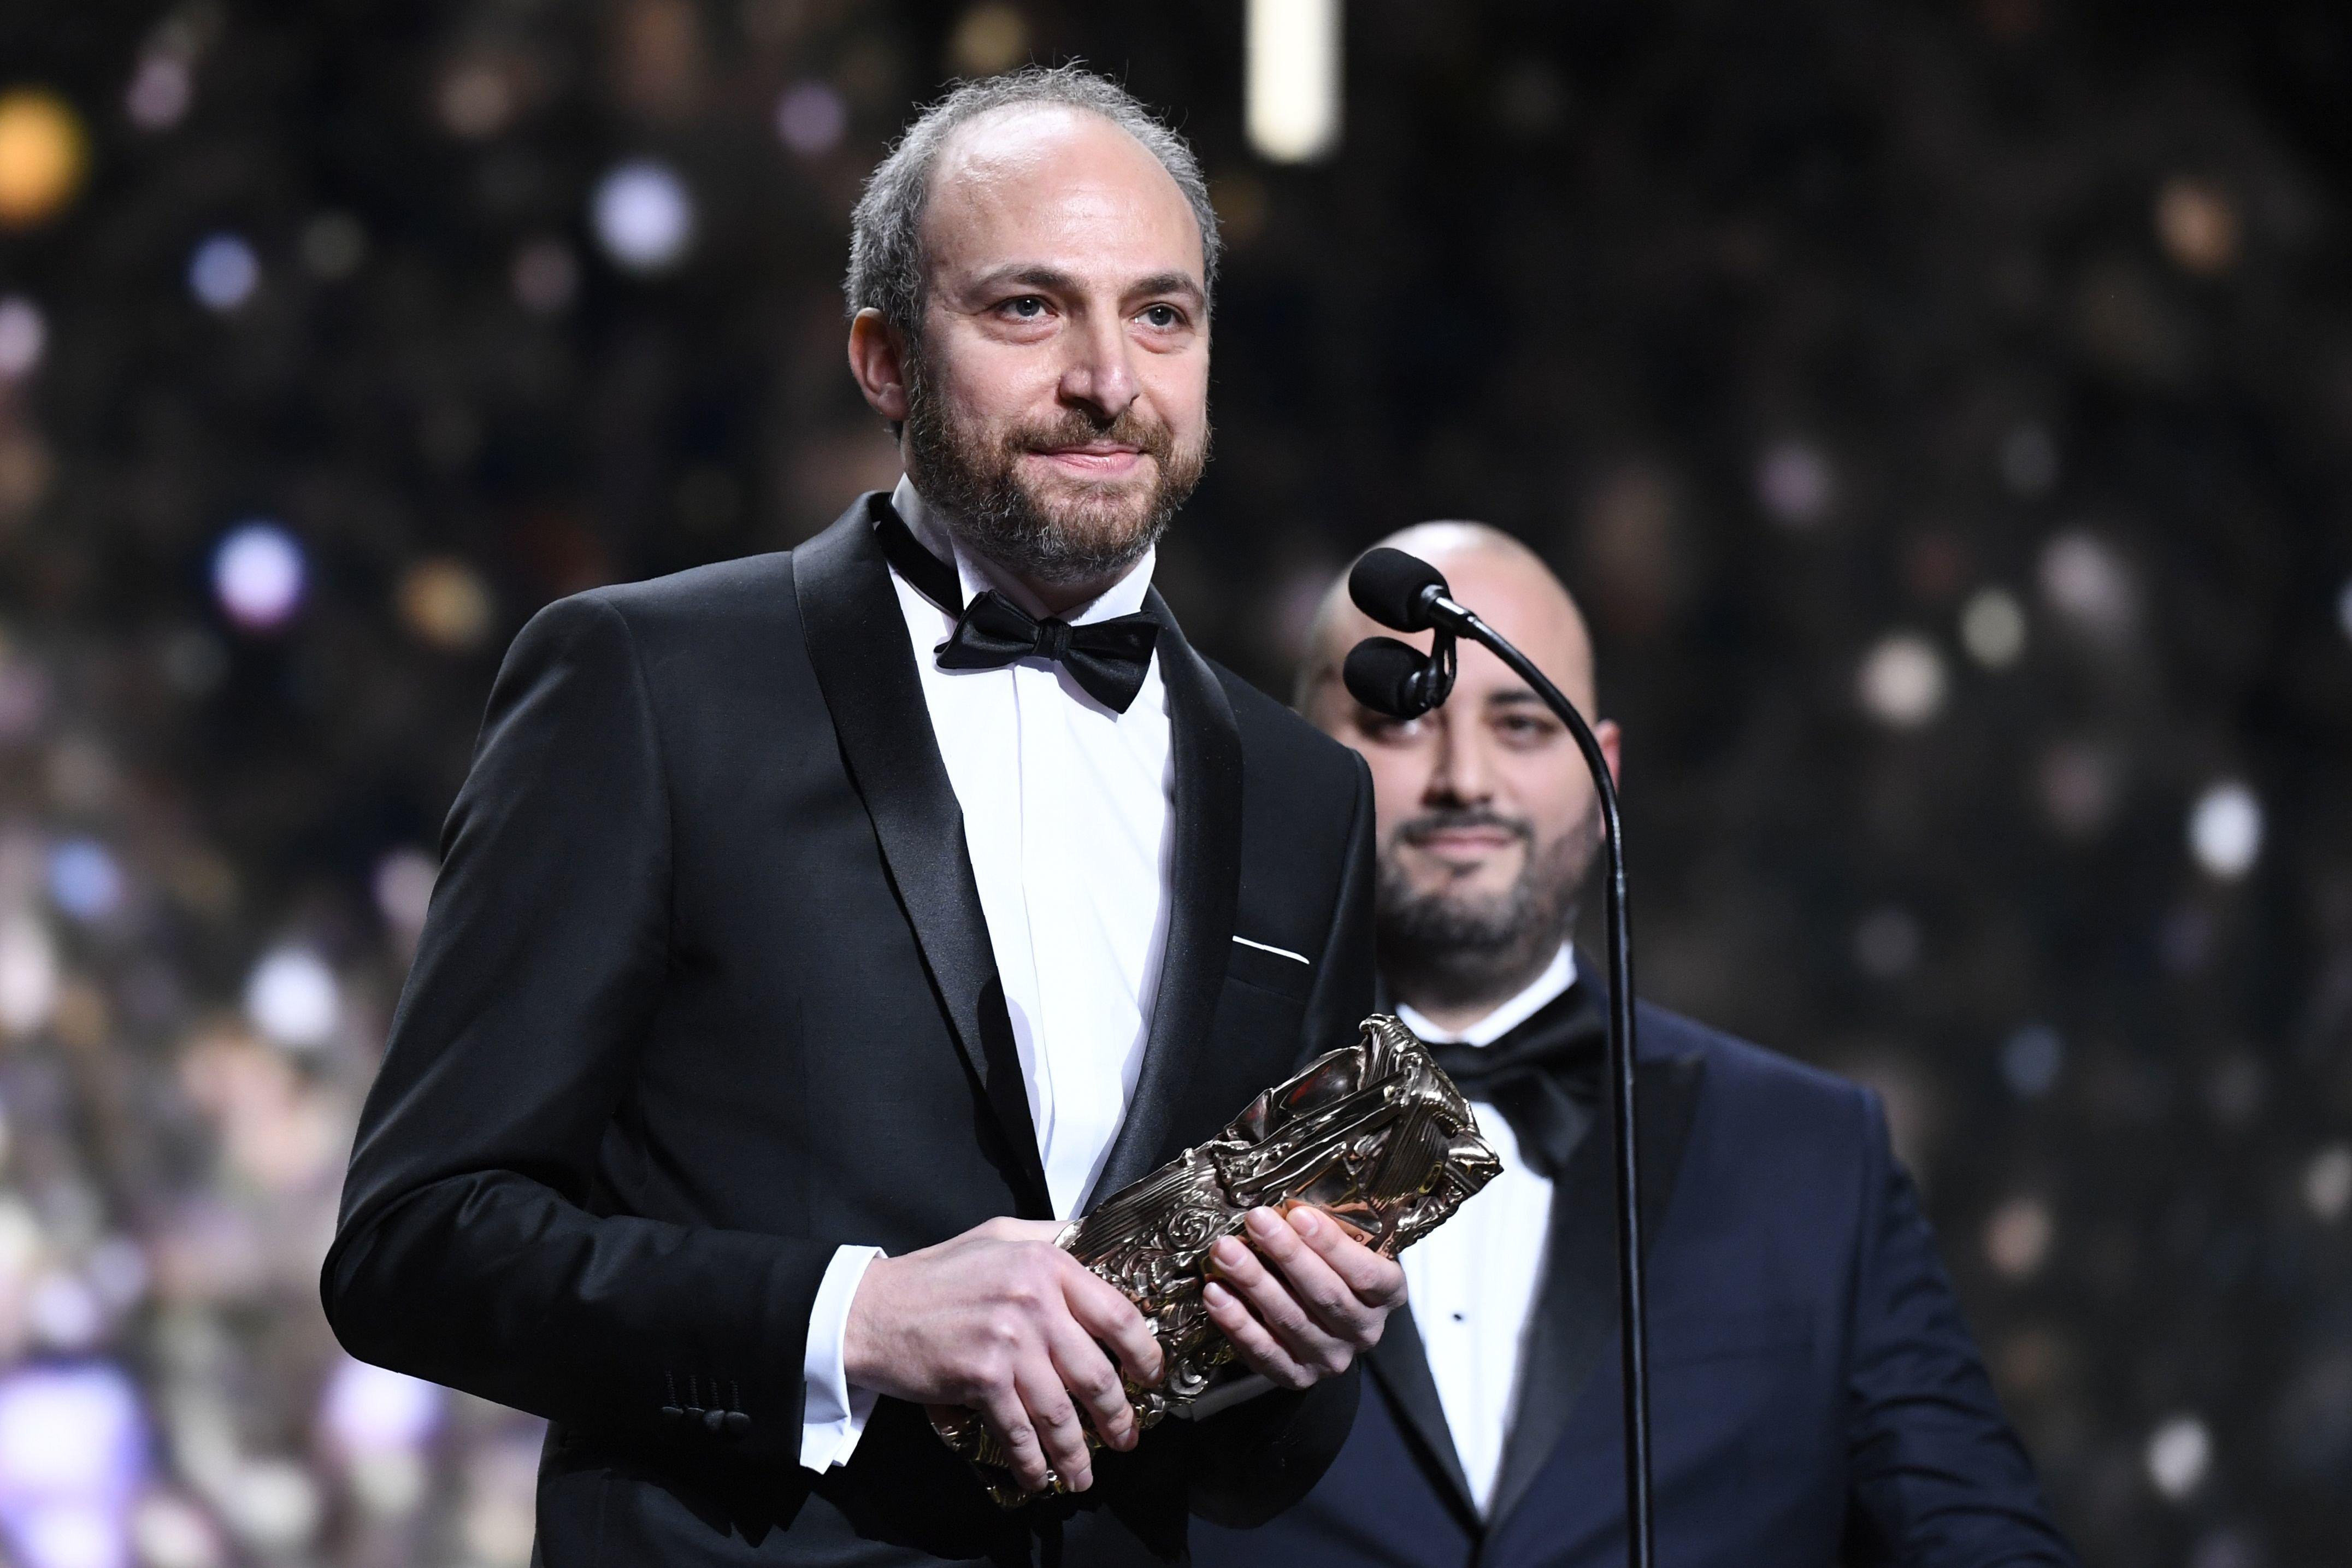 Στον Γιώργο Λαμπρινό το Σεζάρ Καλύτερου Μοντάζ για την ταινία, «Μετά το